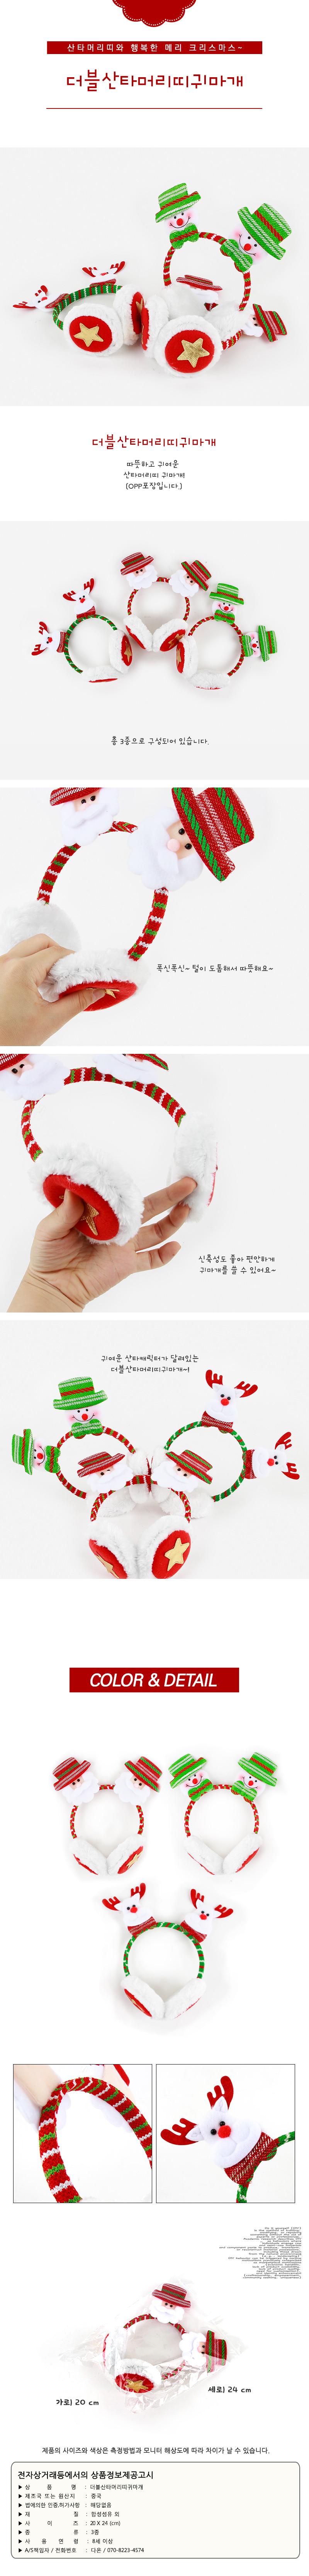 더블산타머리띠귀마개 디자인랜덤 - 아토, 3,500원, 파티의상/잡화, 머리띠/머리장식/가발